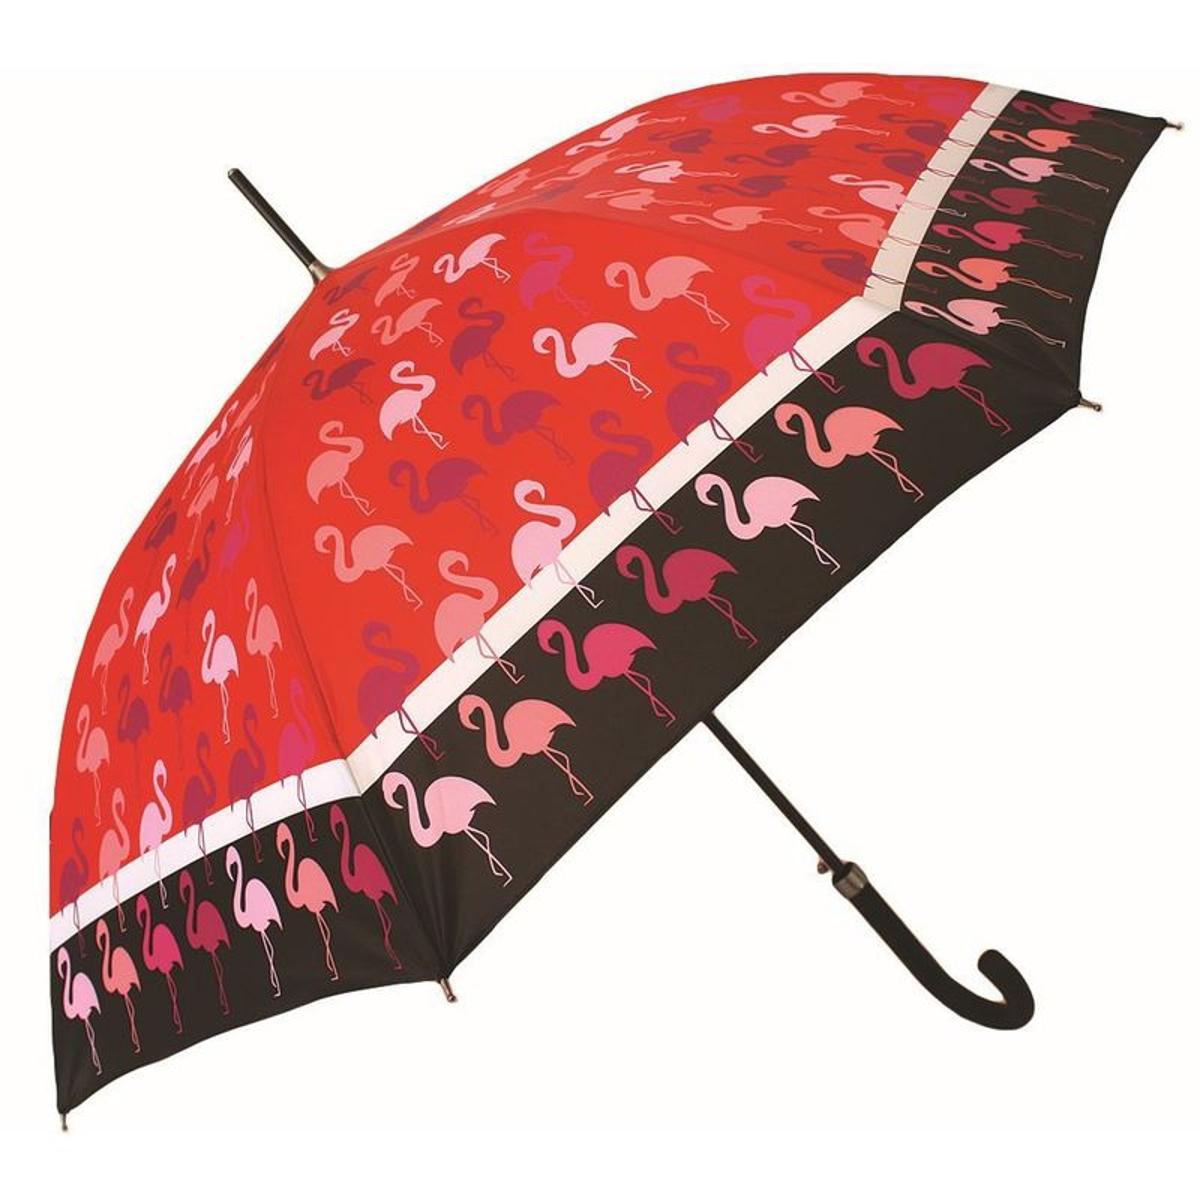 Parapluie NEYRAT Autun - Motif Flamants rose - Long - Rouge